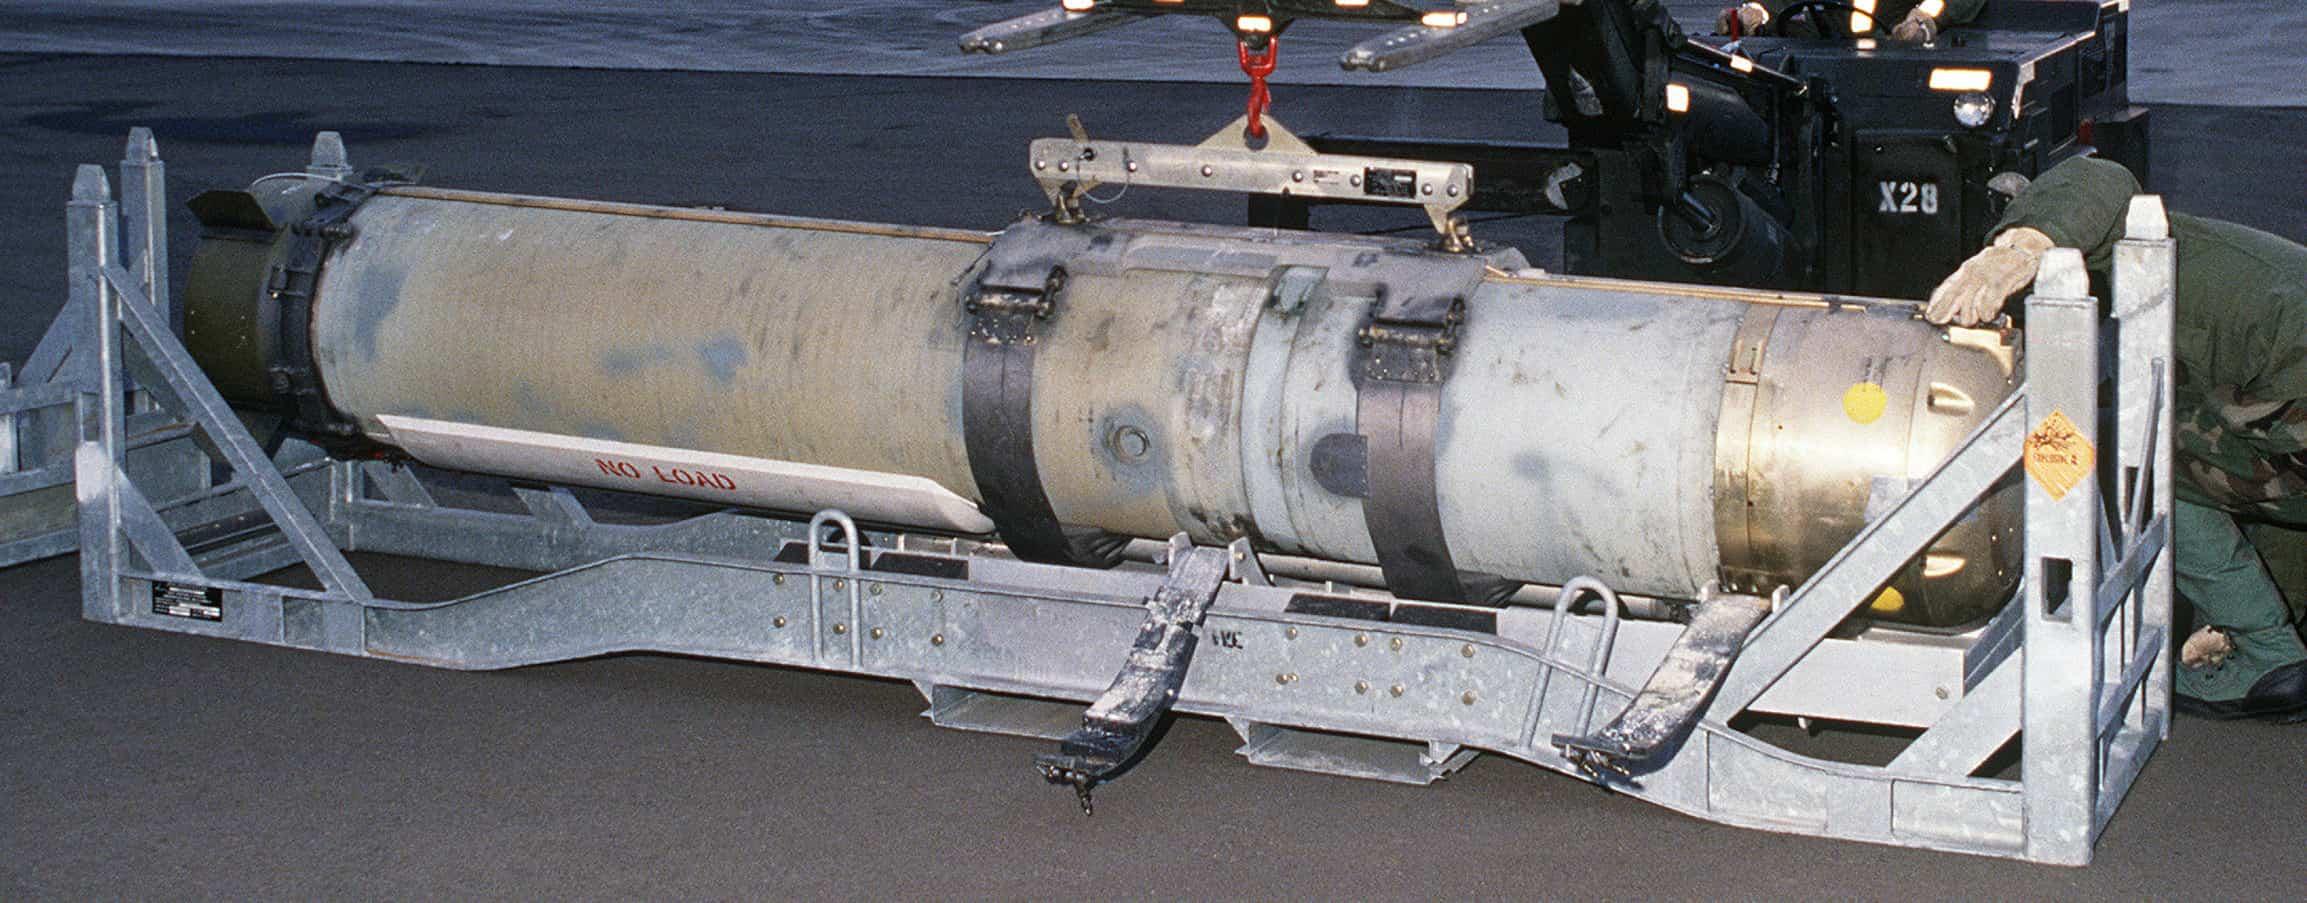 Mark 60 Captor на палубі корабля